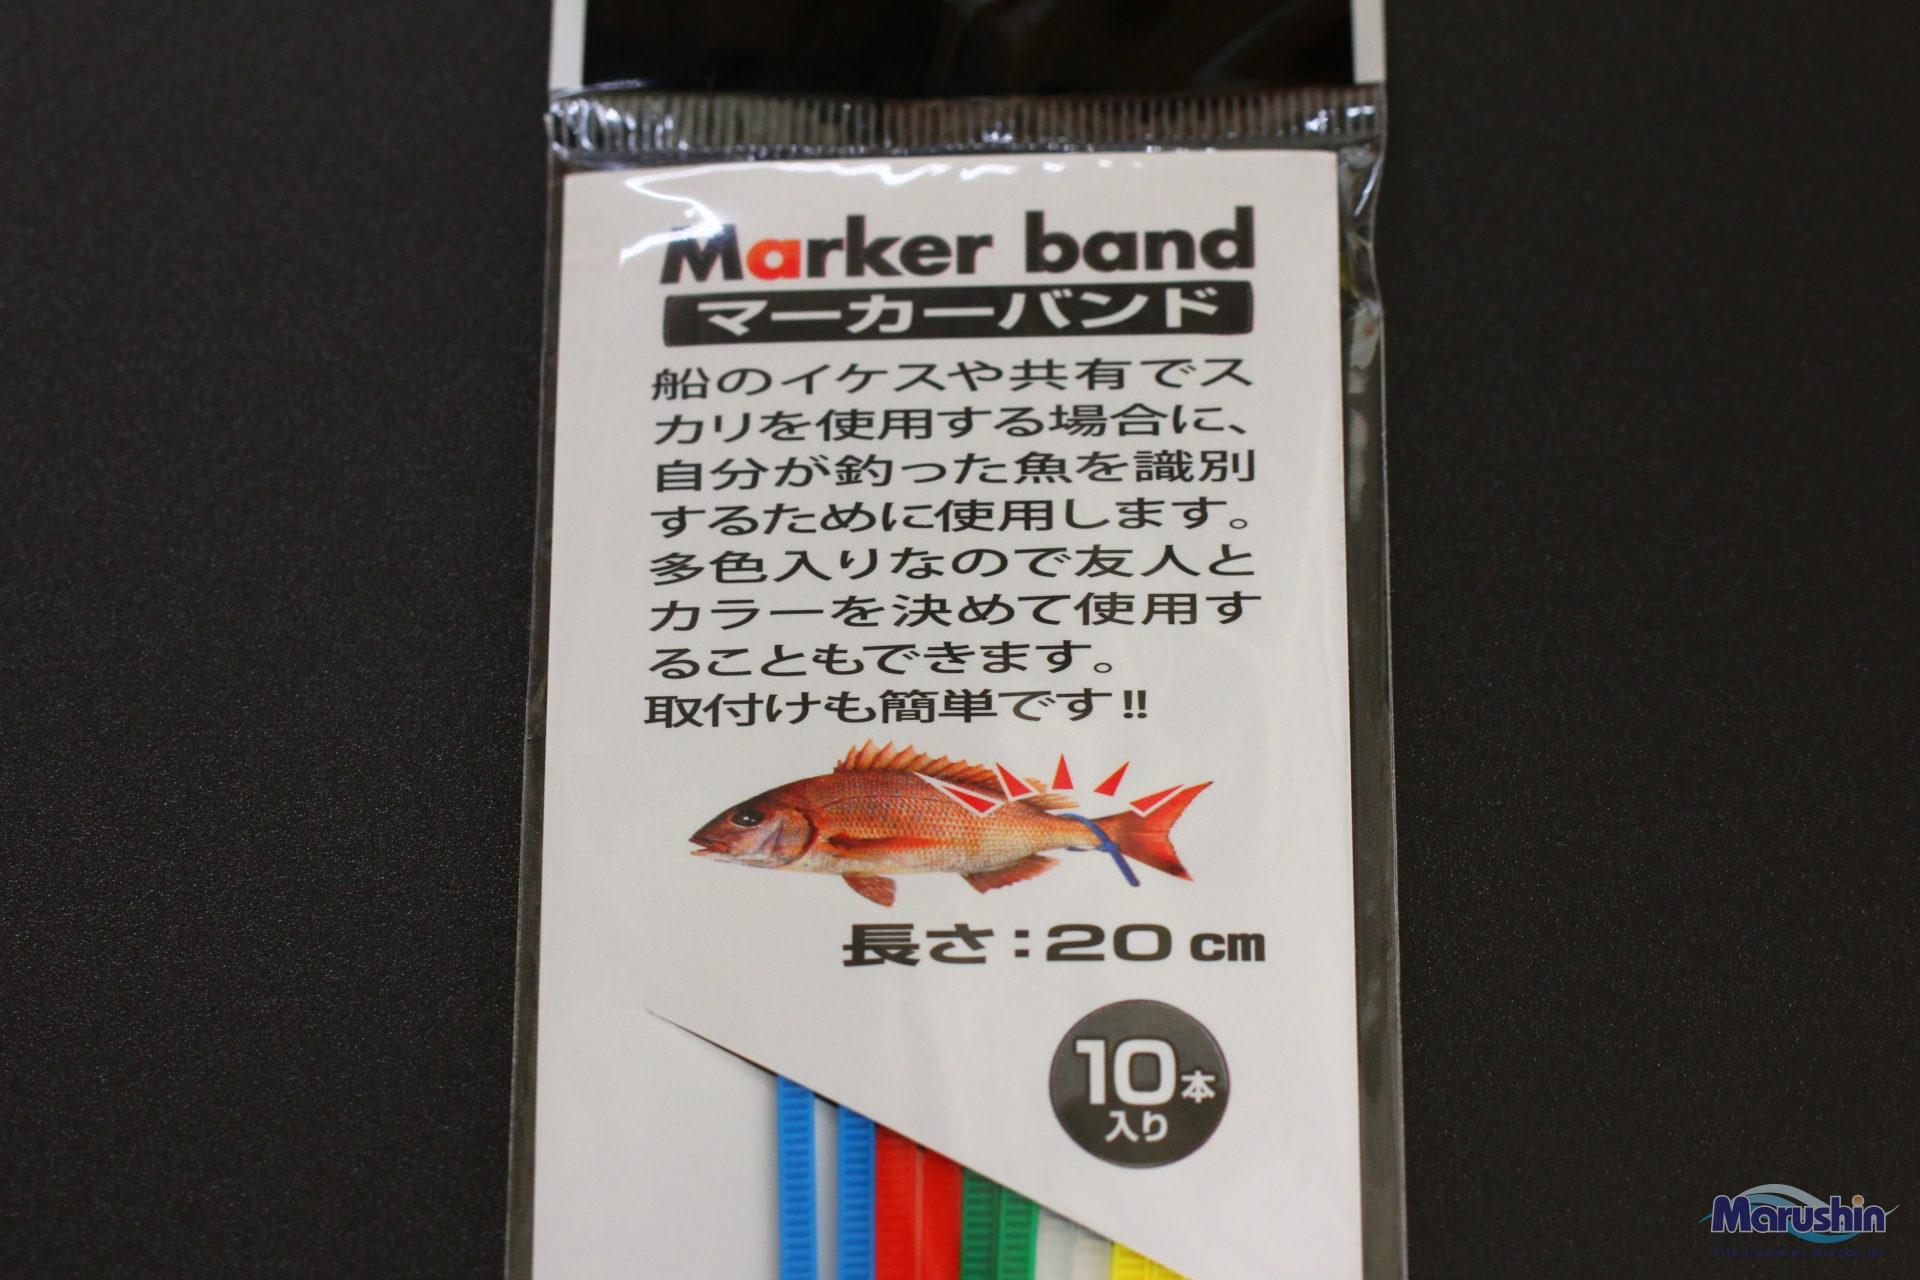 Marker band(マーカーバンド)イメージ画像